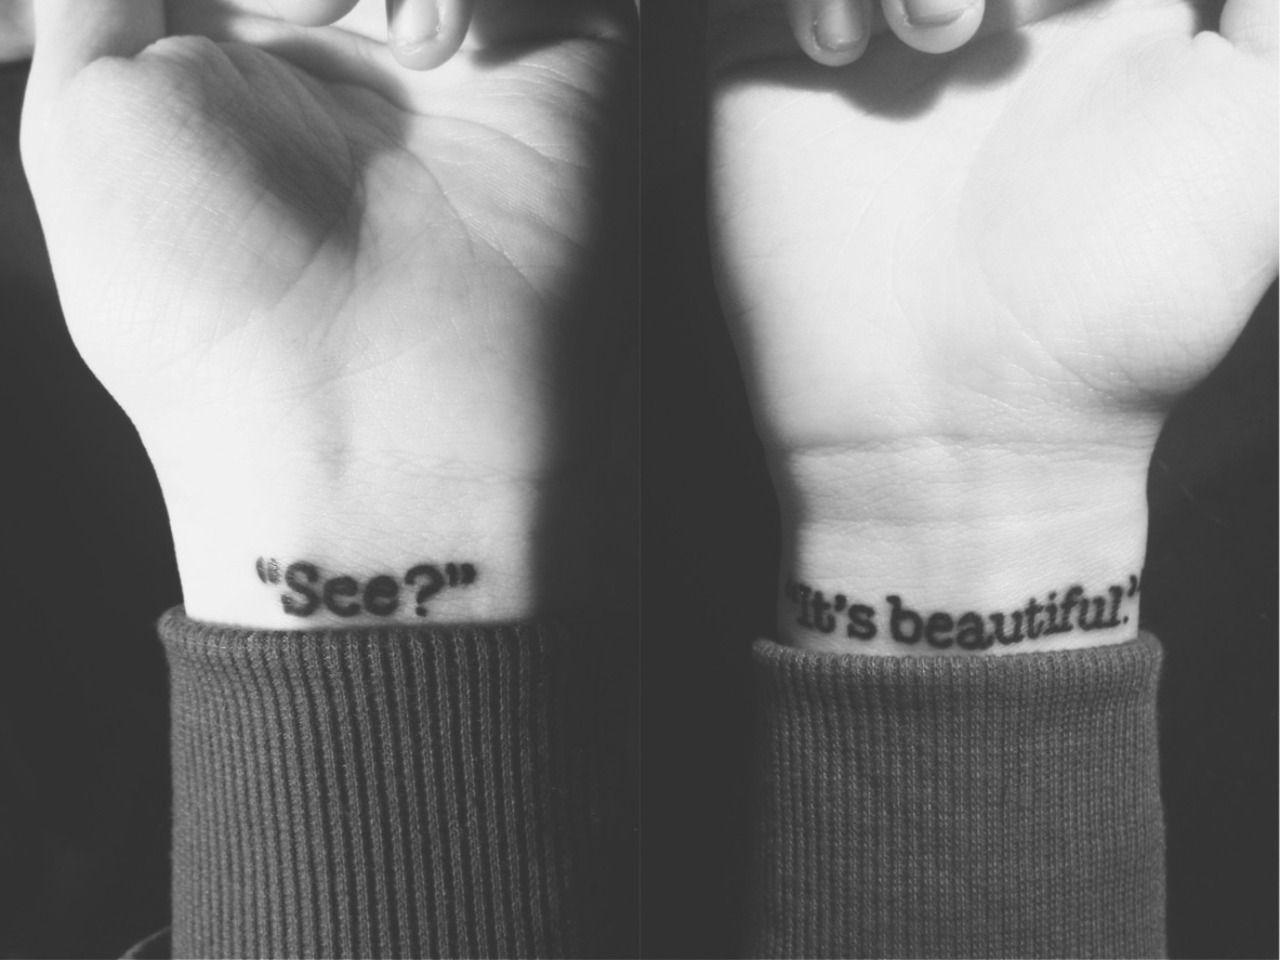 Wrist tattoo on zeyemy